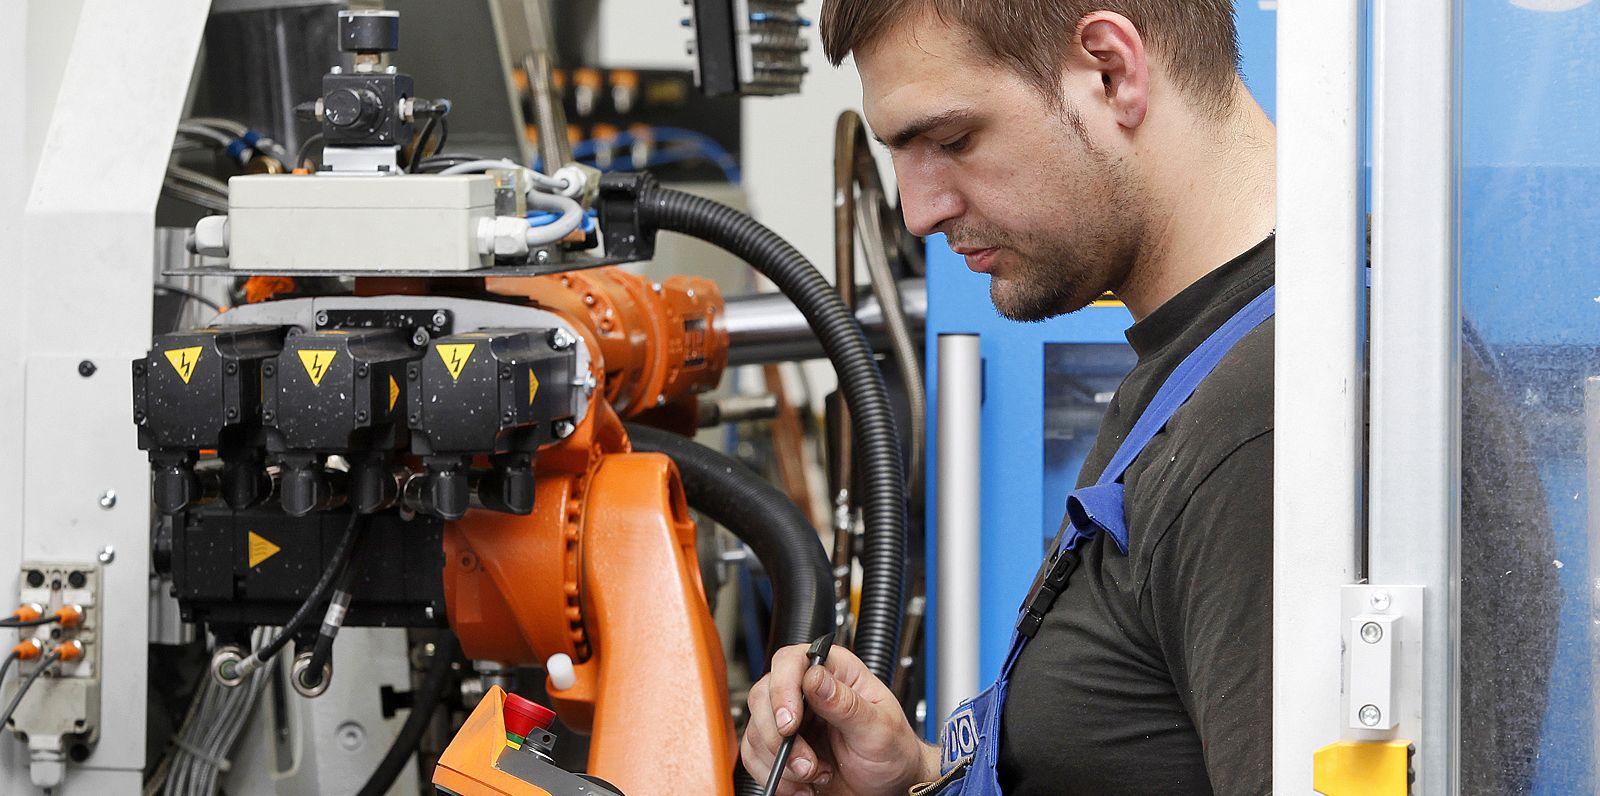 HDO Mitarbeiter überwacht eine Maschine in der Fertigung